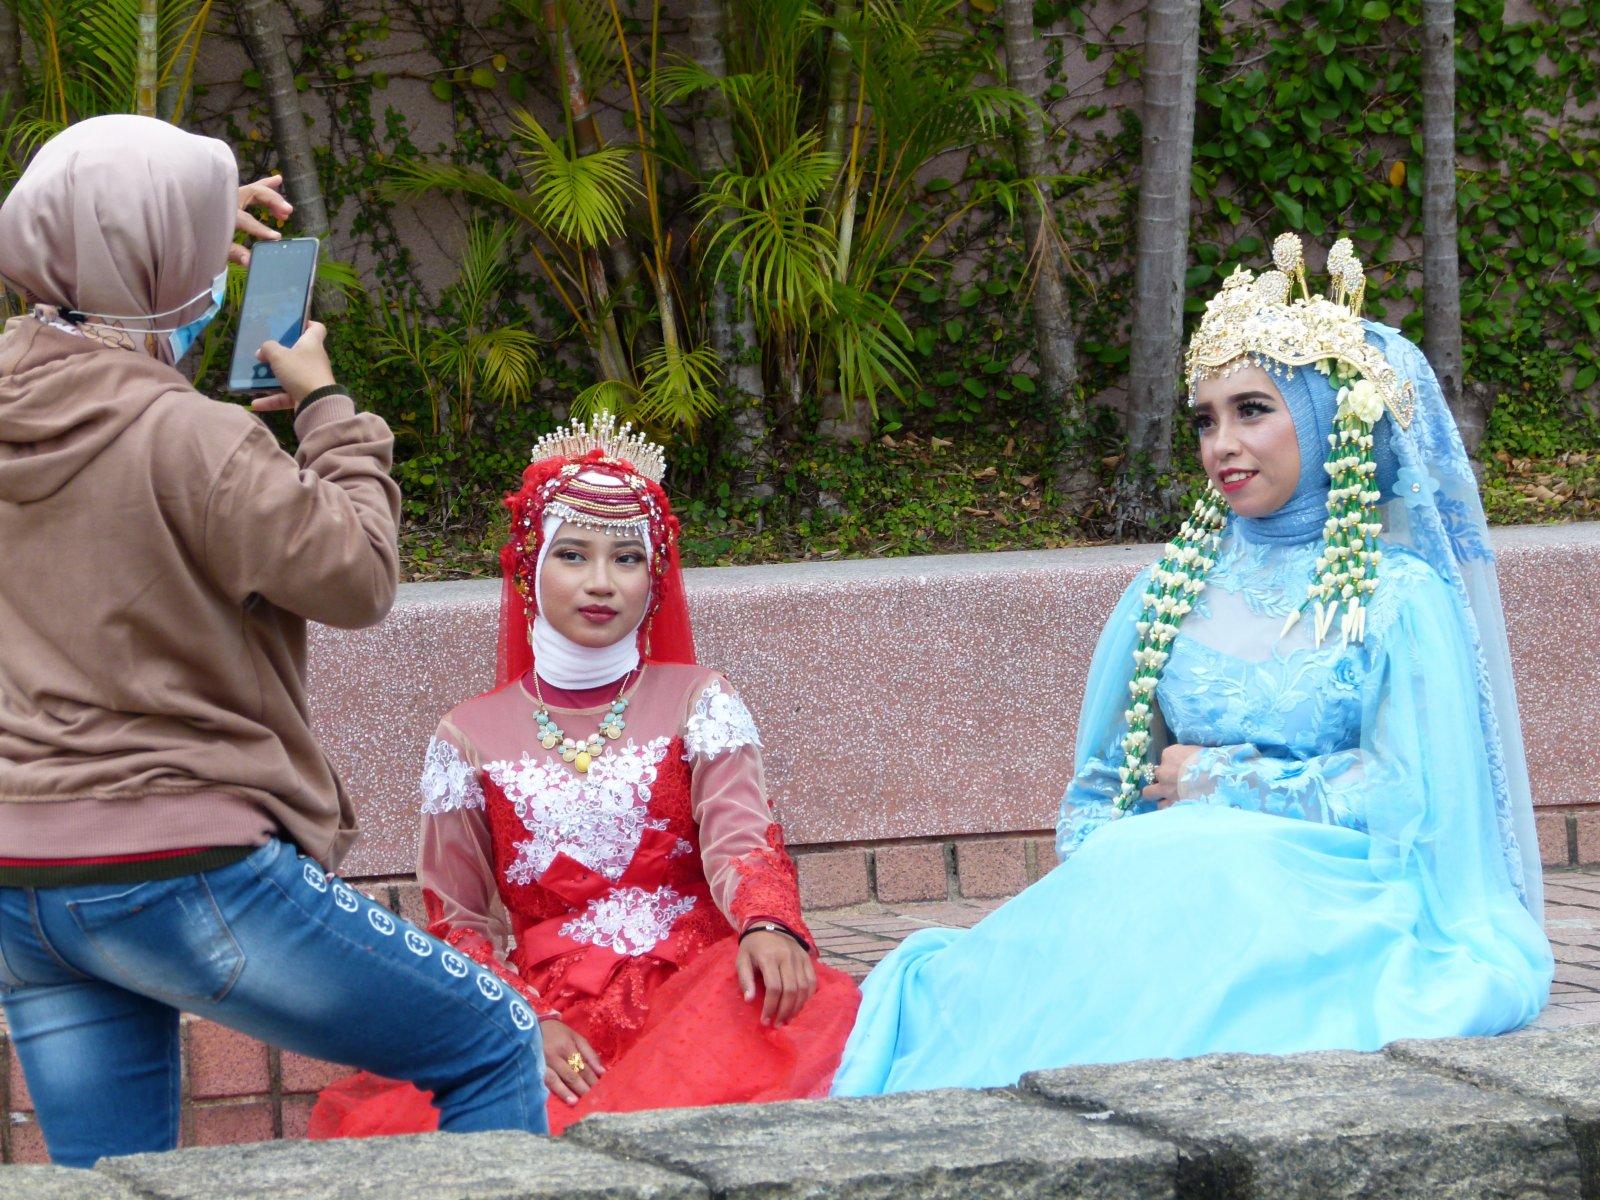 11月15日,外傭在尖沙咀九龍公園穿上傳統服裝拍照留念。(中新社)